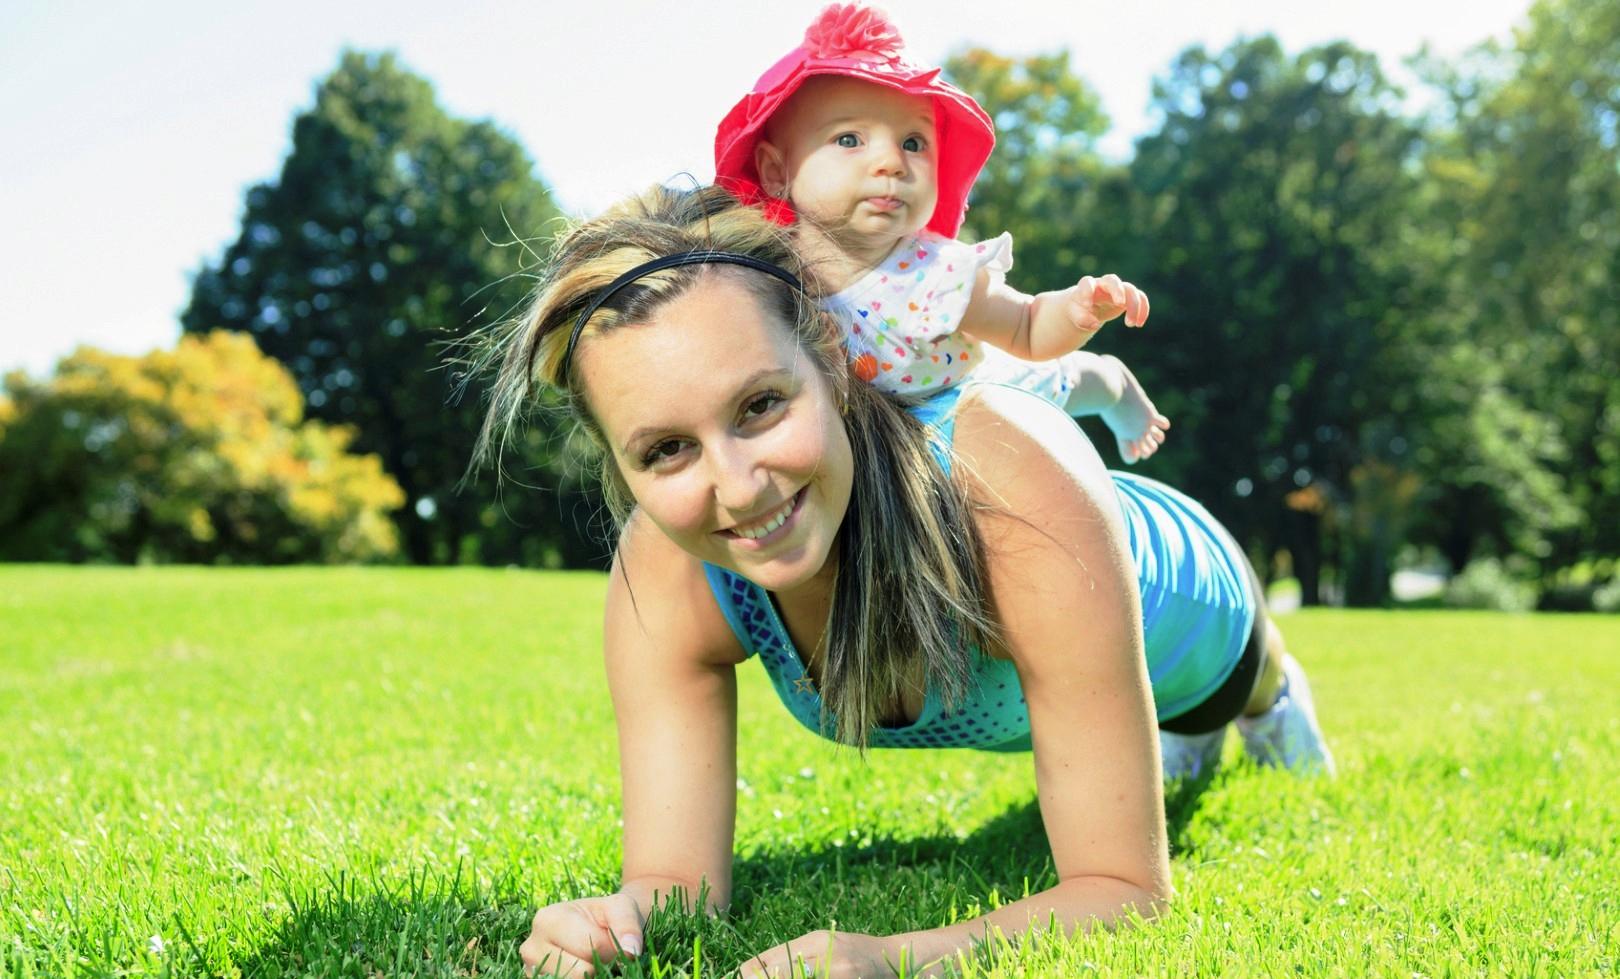 In vacanza con il neonato  quattro consigli - Tgcom24 99a01d68ef6e